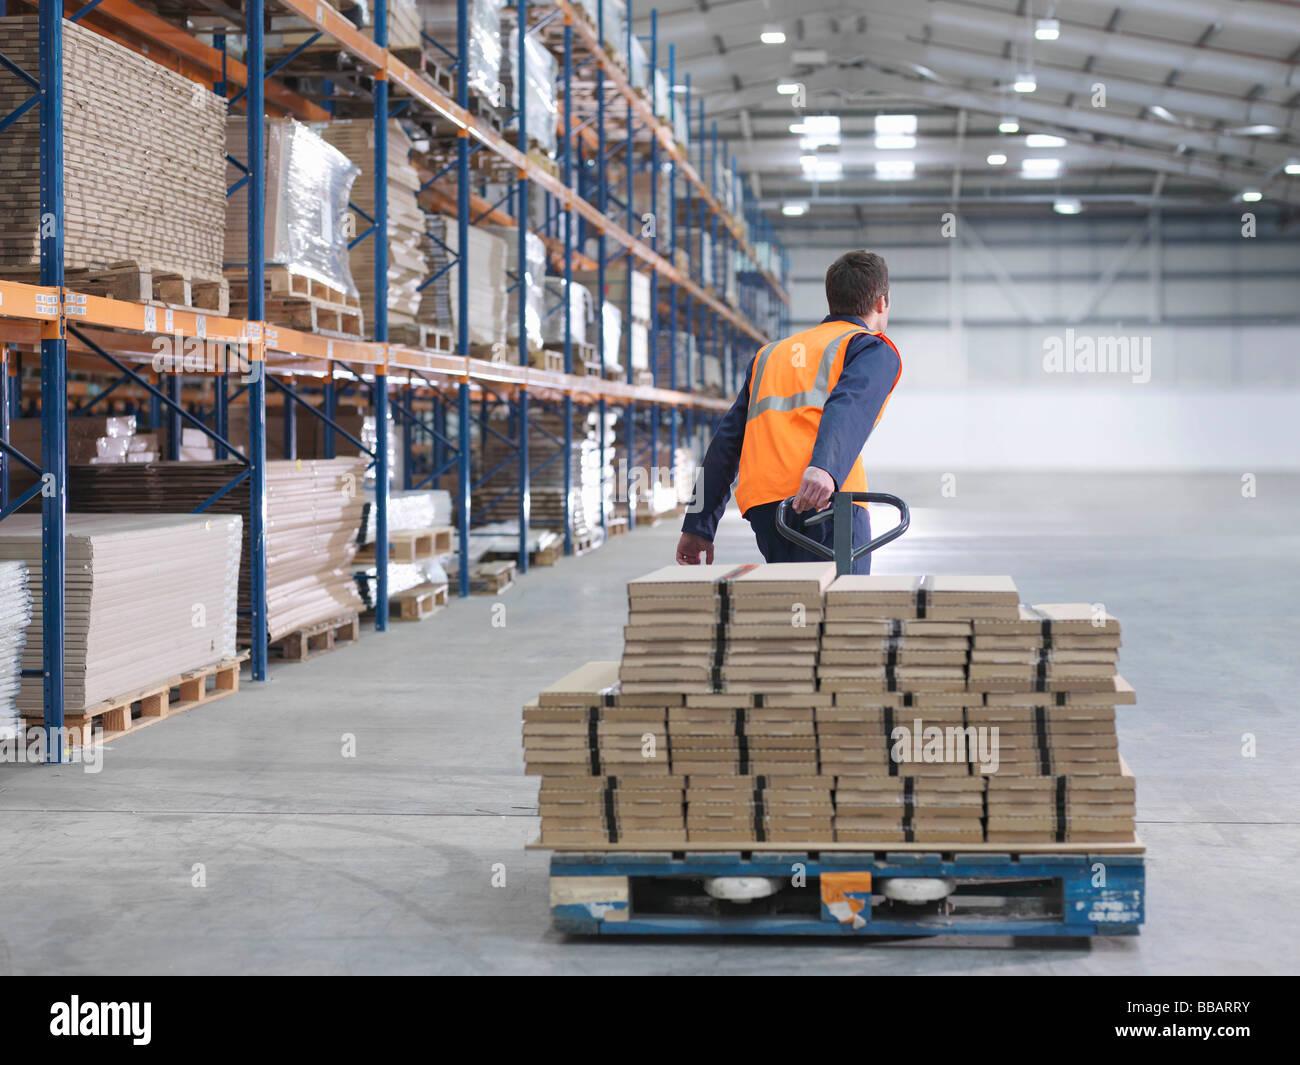 Trabalhador transportar carga no depósito Imagens de Stock